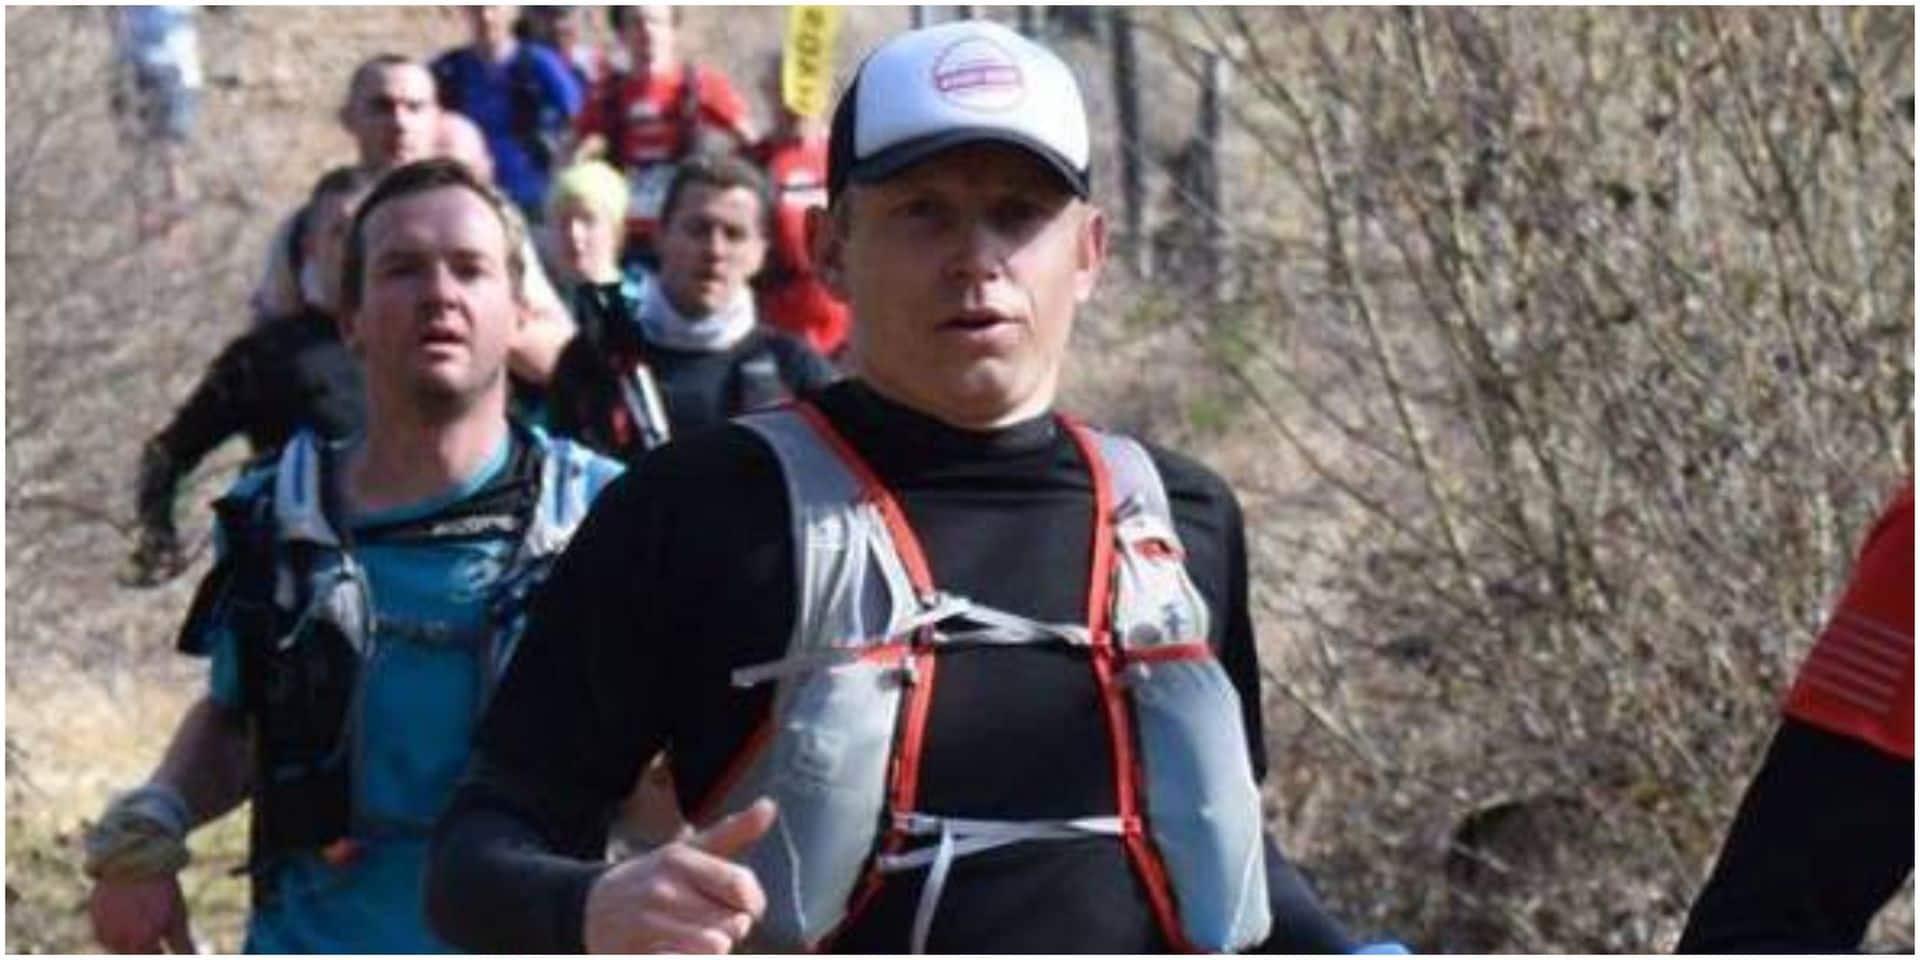 152 km en courant pour offrir une cour à son école: Thomas Gillet prêt à relever le défi